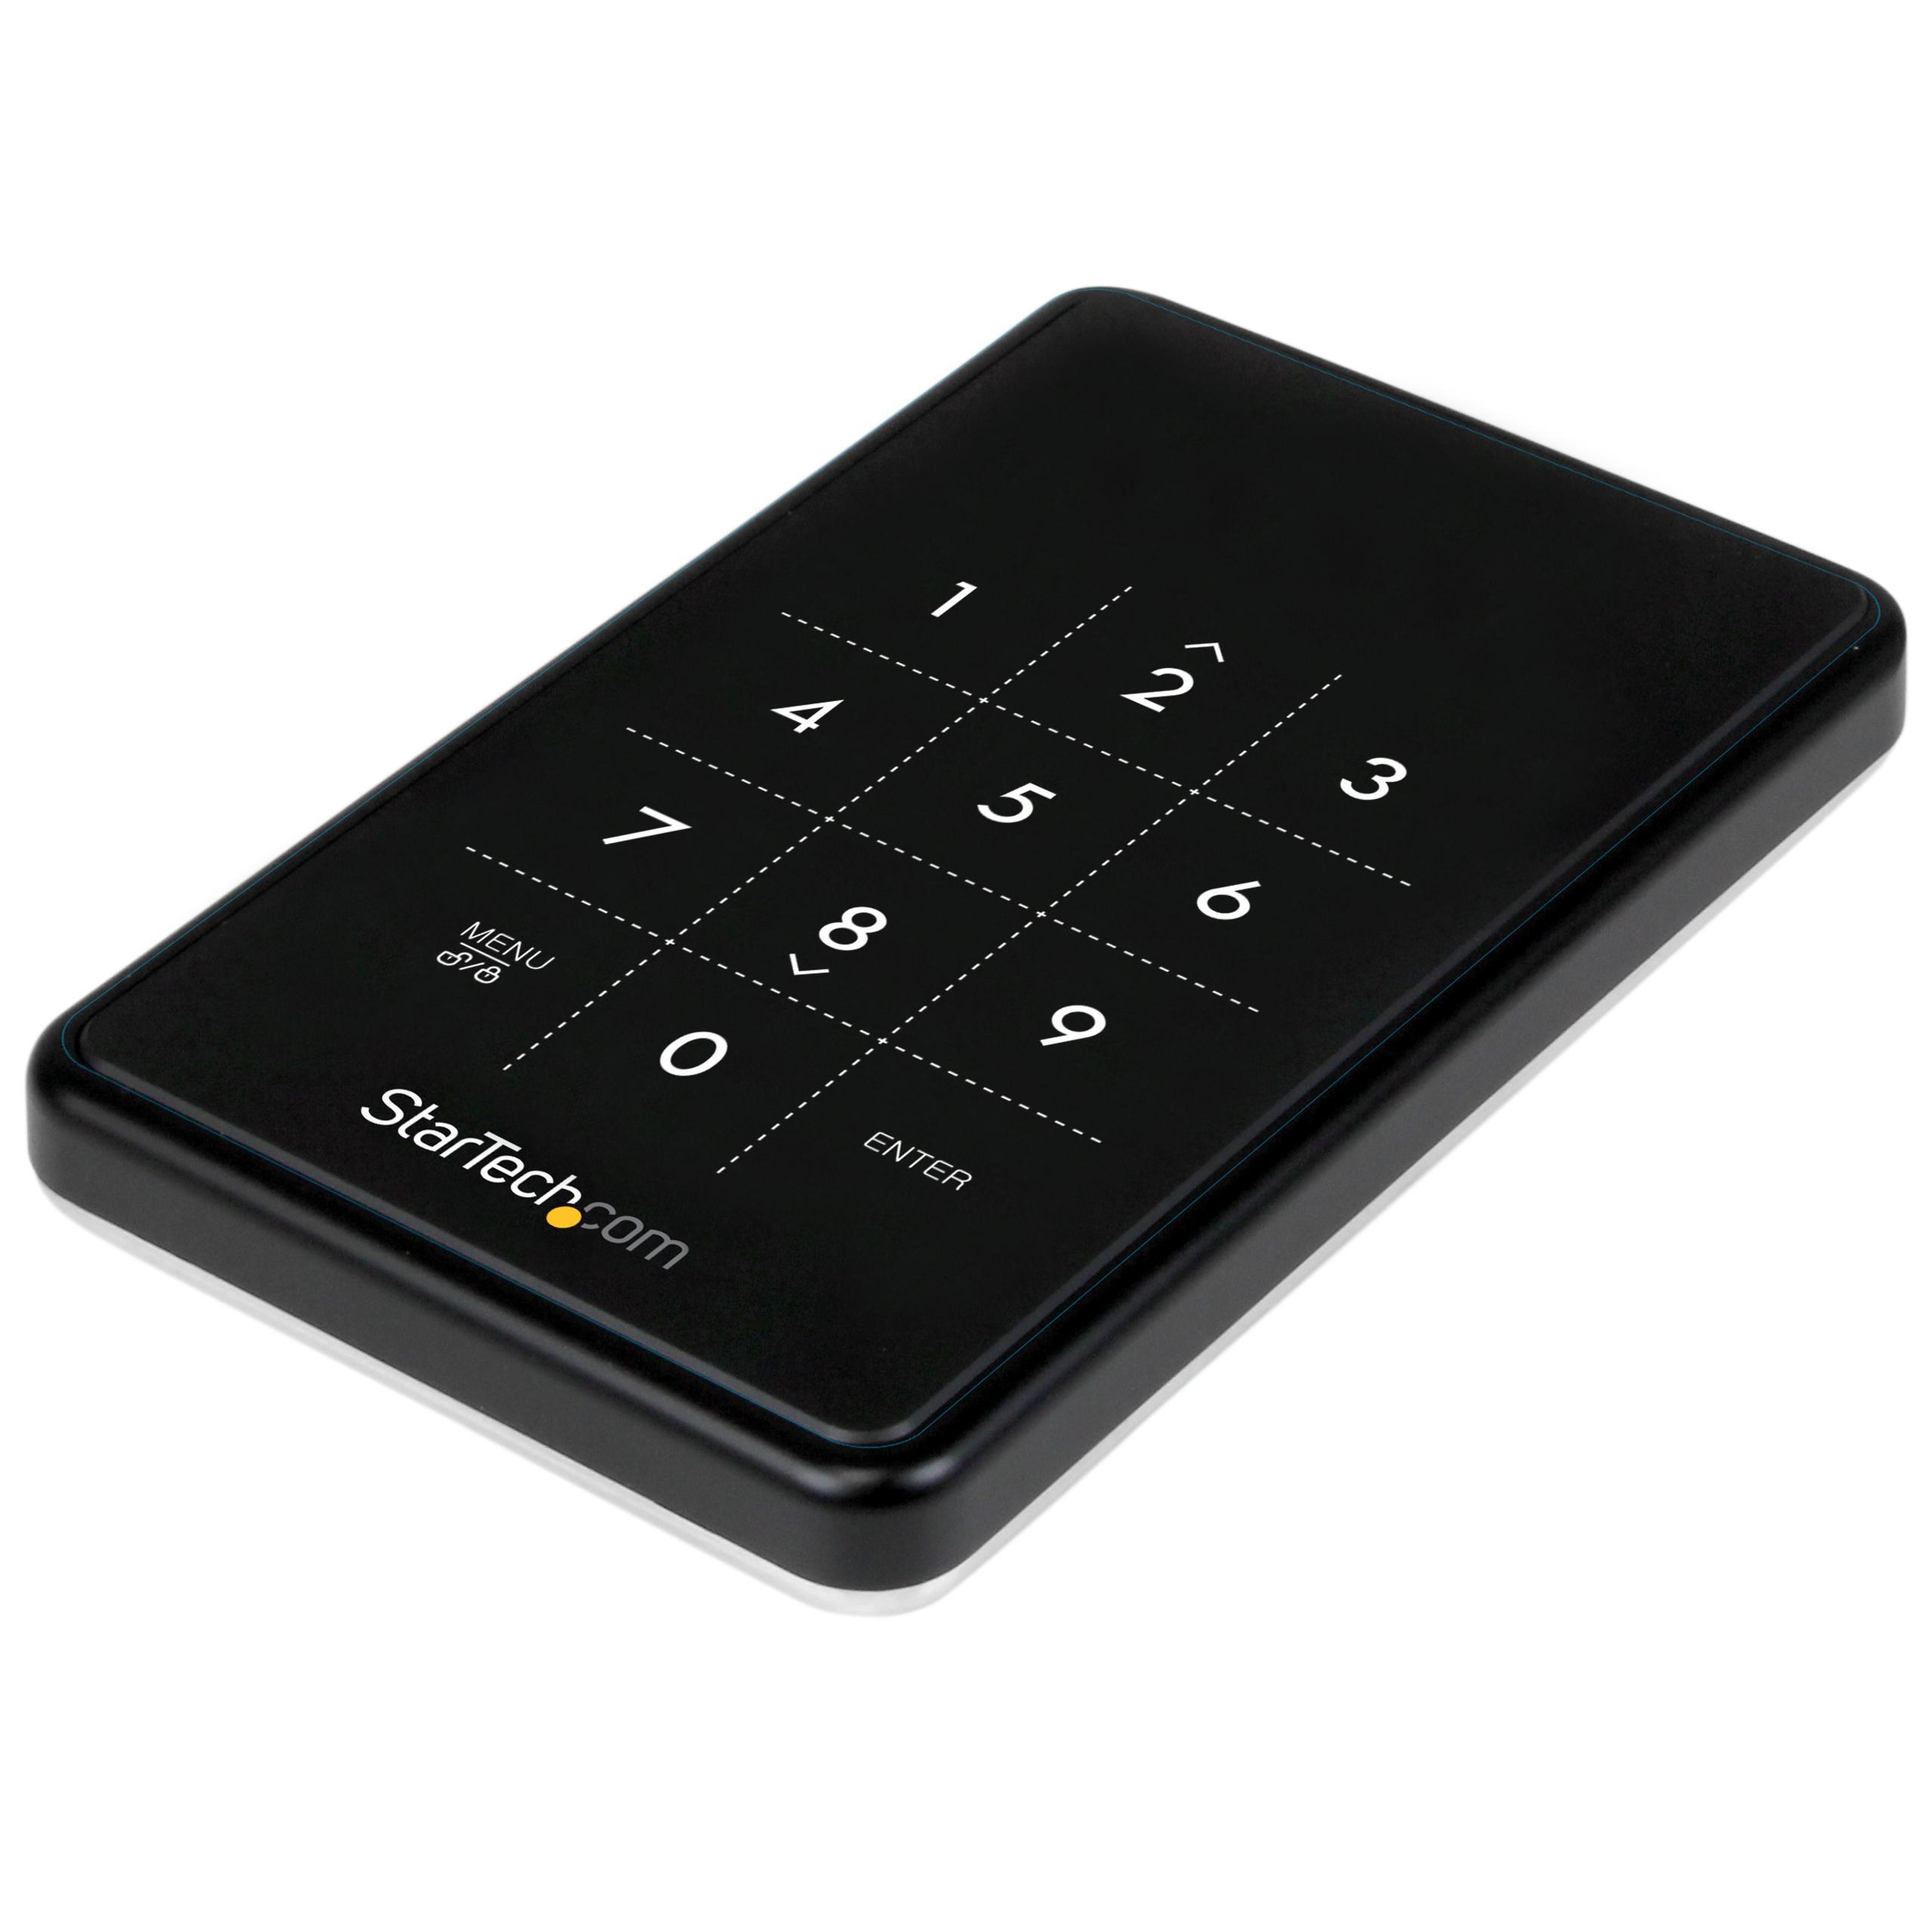 StarTech.com S2510BU33PW - Caja USB 3.0 encriptada con AES 256 para Disco Duro y SSD de 2.5